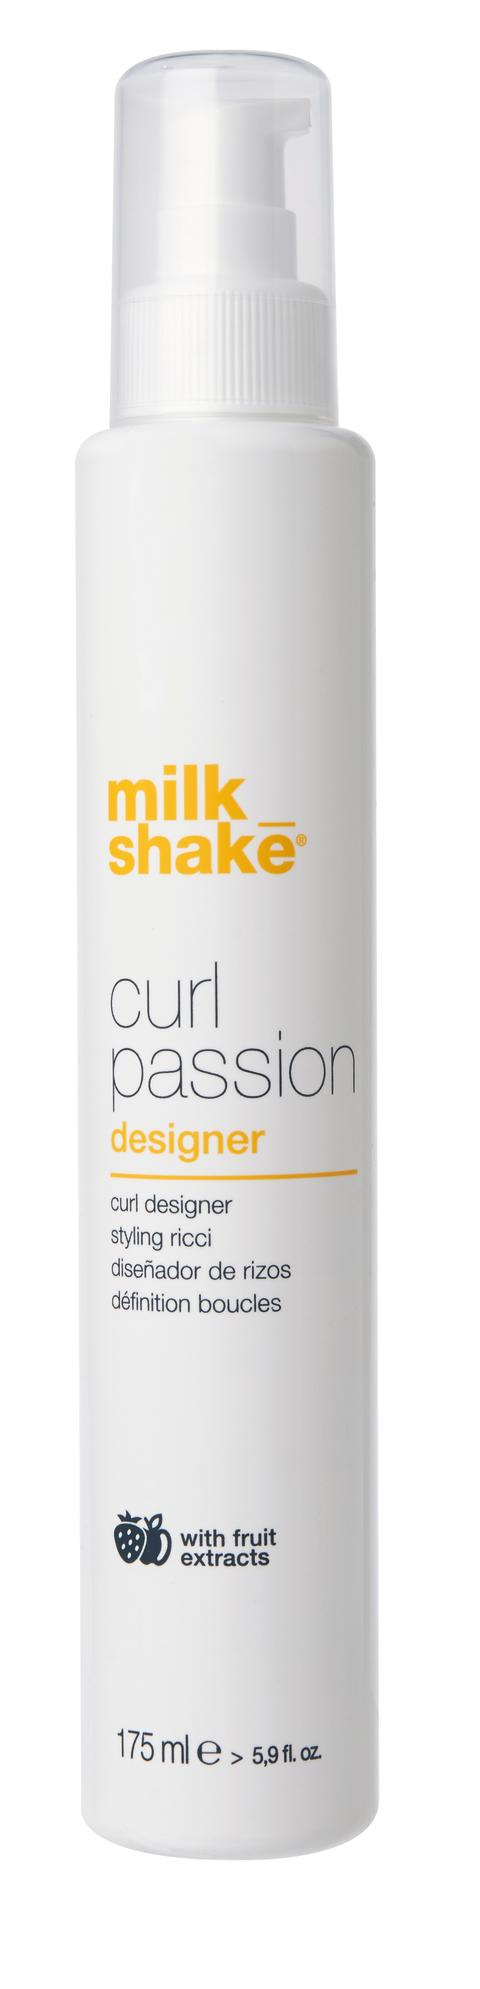 curl passion designer